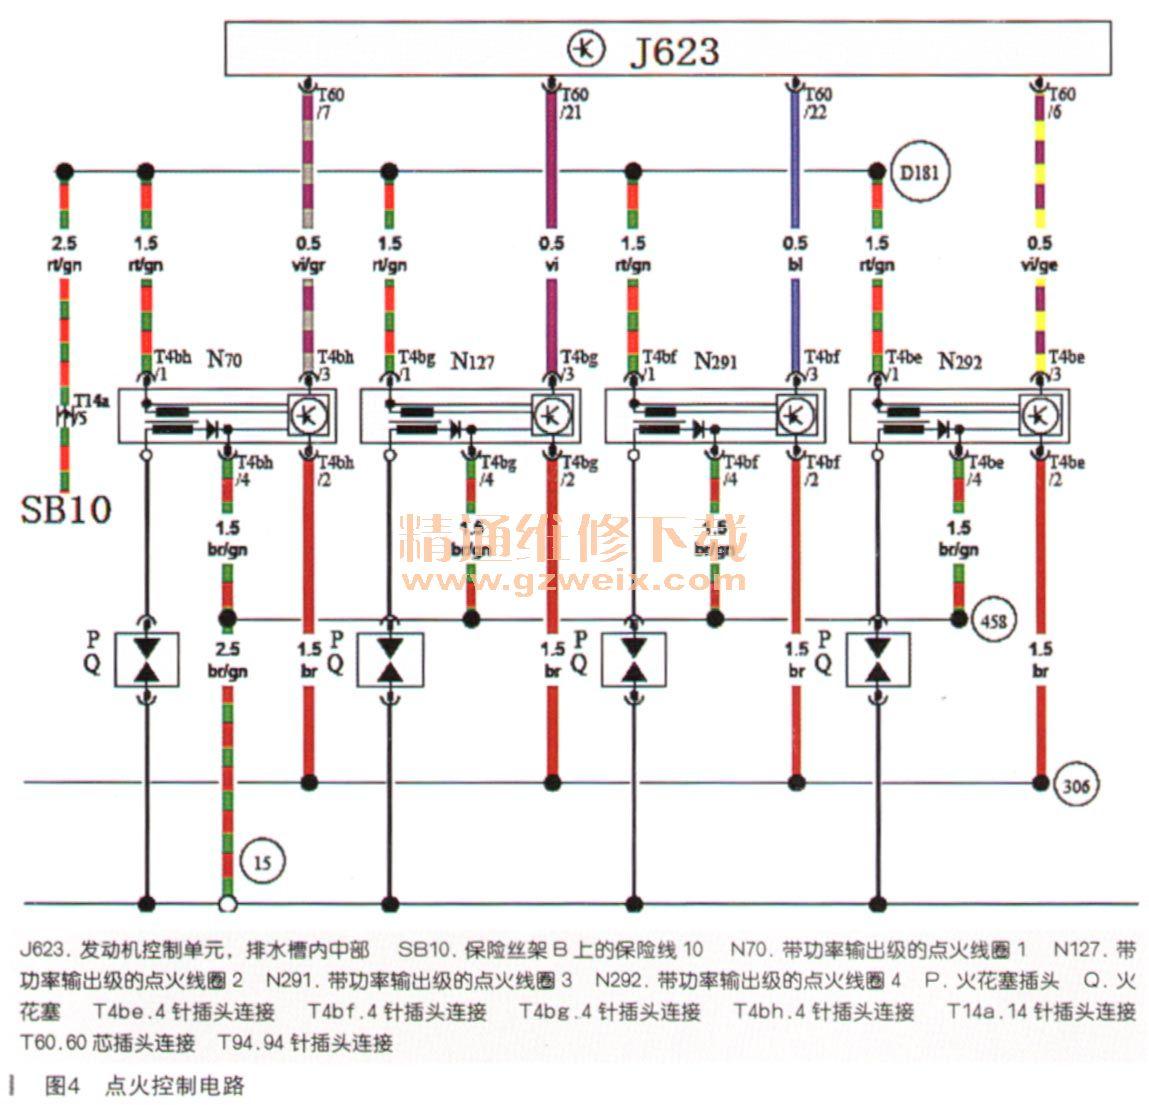 象时,同时测量发动机控制单元J623的T60/7、T60/21、T60/22、T60高清图片